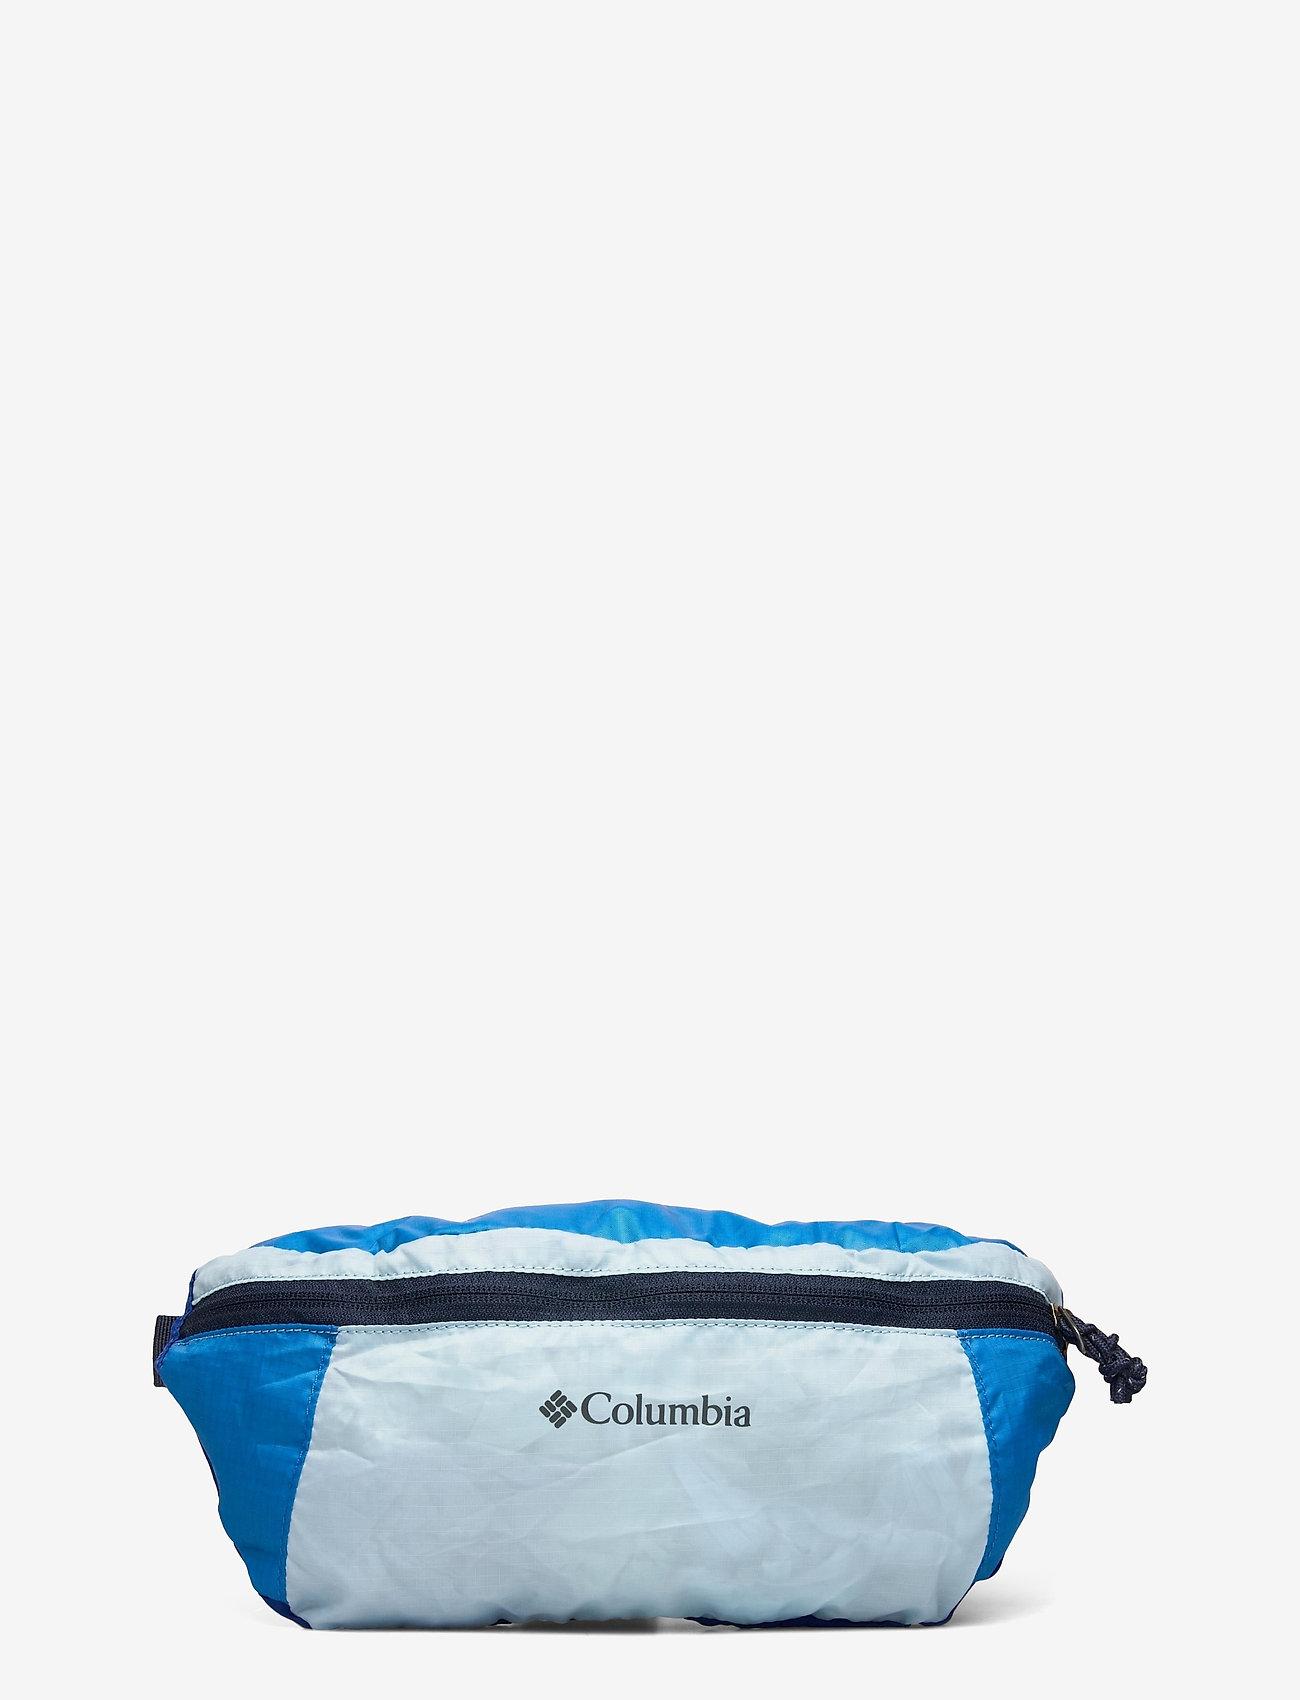 Columbia - Lightweight Packable Hip Pack - saszetka nerki - sky blue, azure - 0